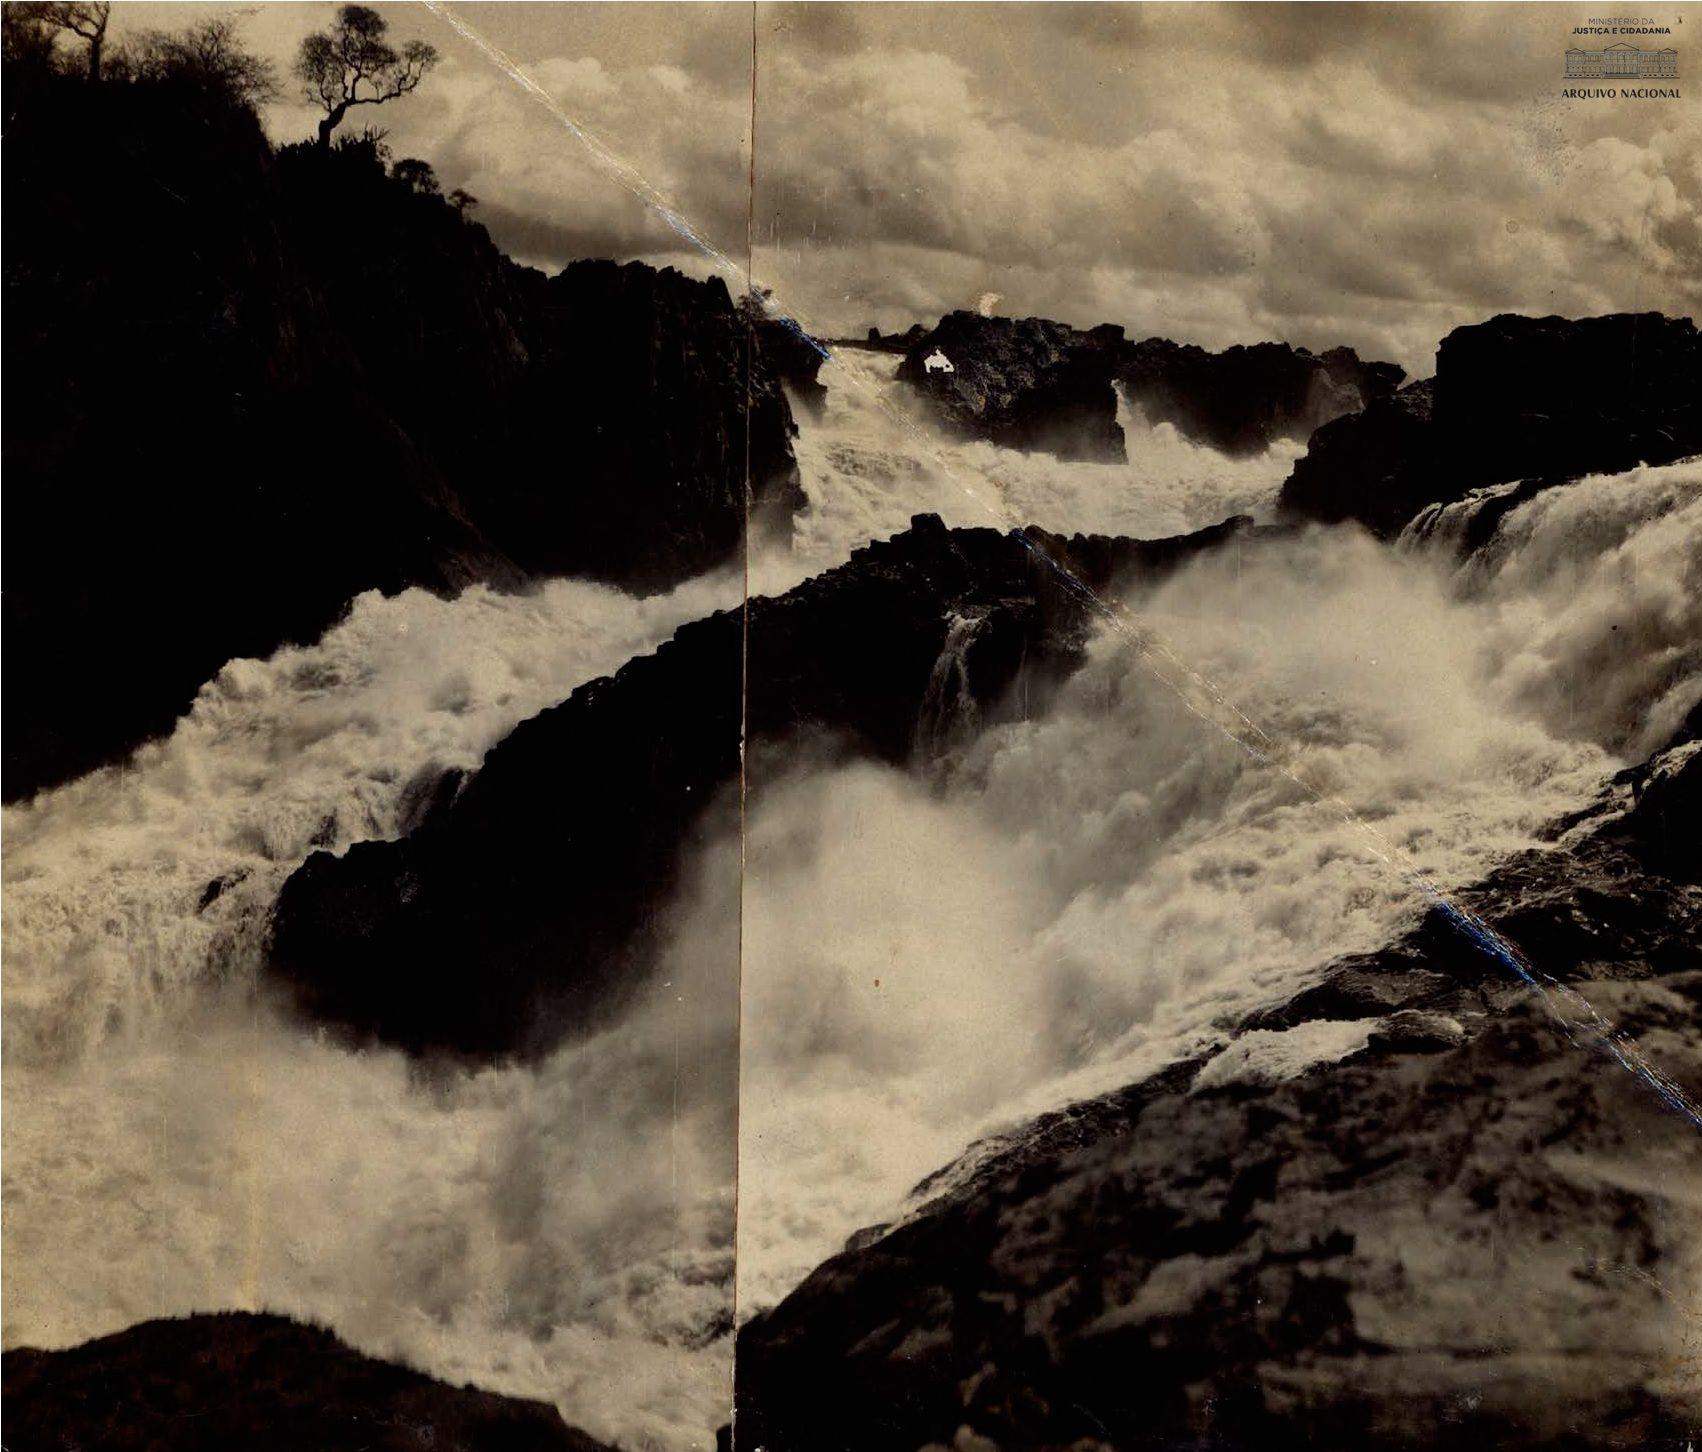 Cachoeira de Paulo Afonso, s d  Arquivo Nacional  Fundo